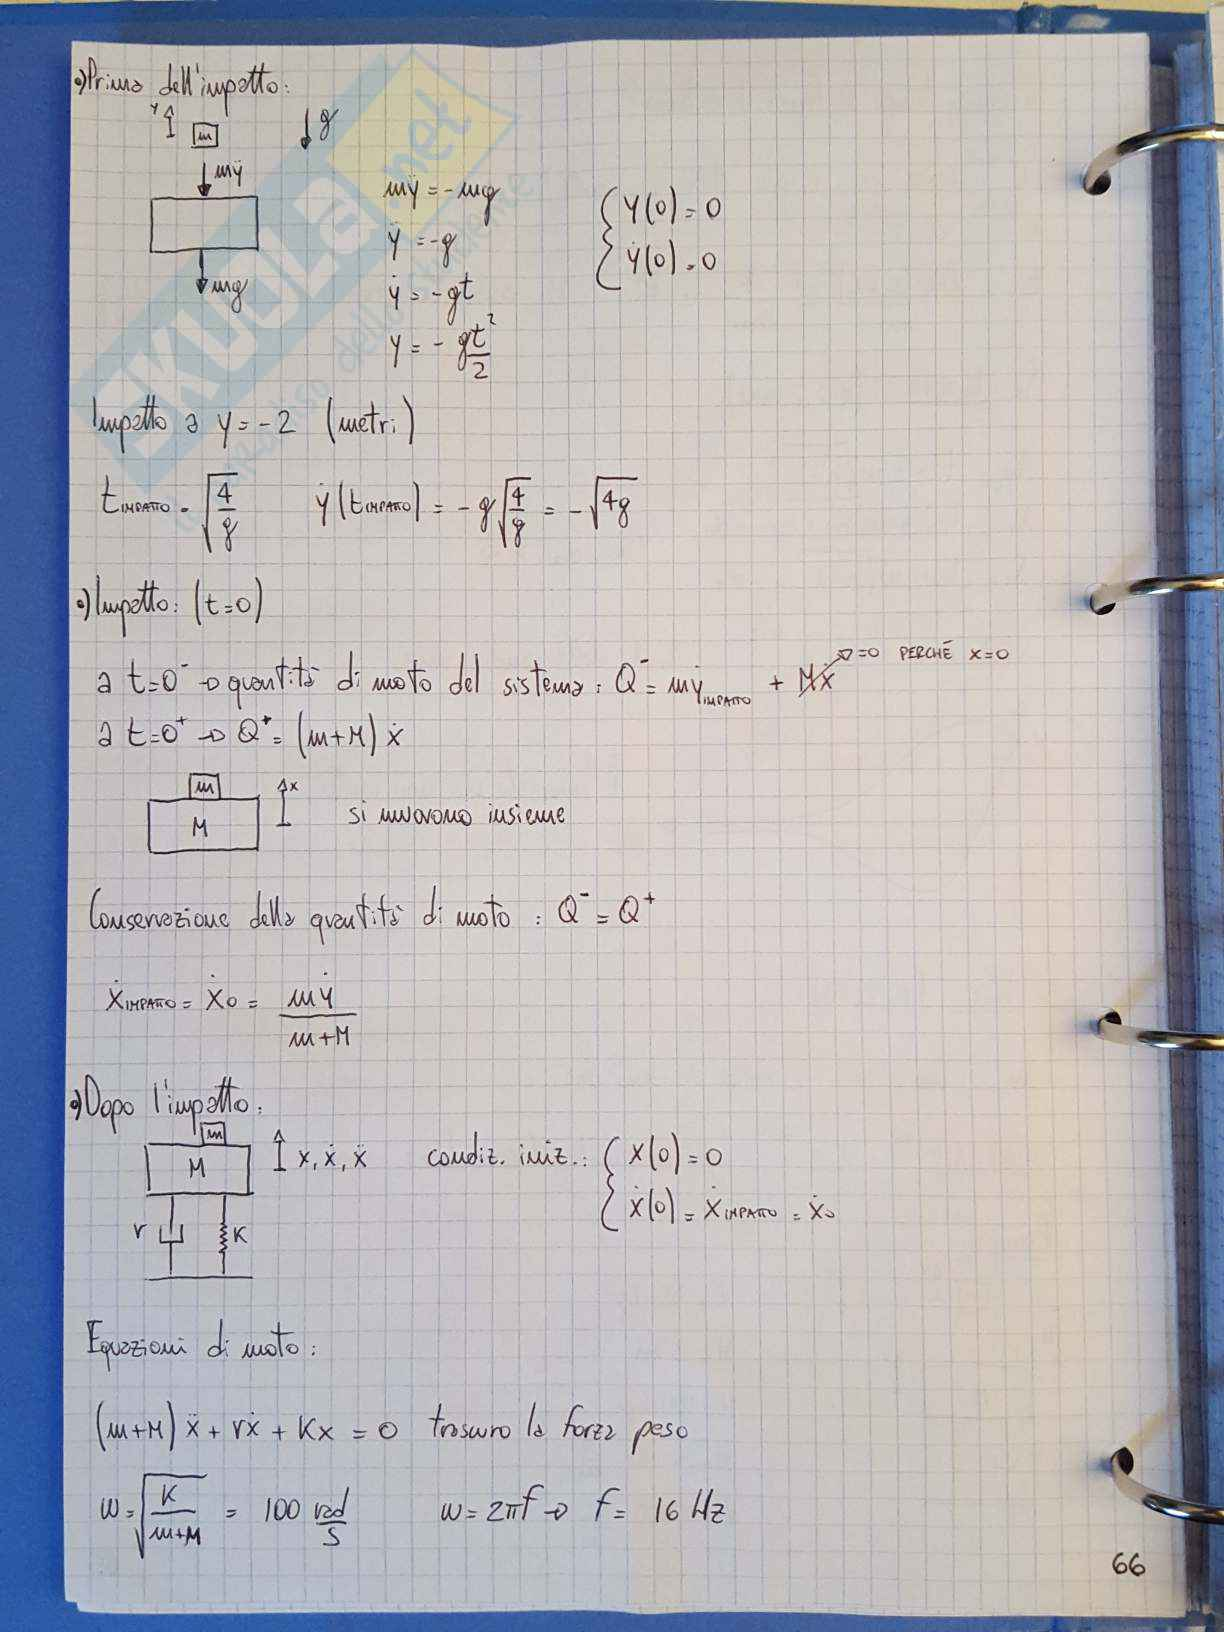 Appunti di Meccanica applicata alle macchine - Lezione Pag. 66